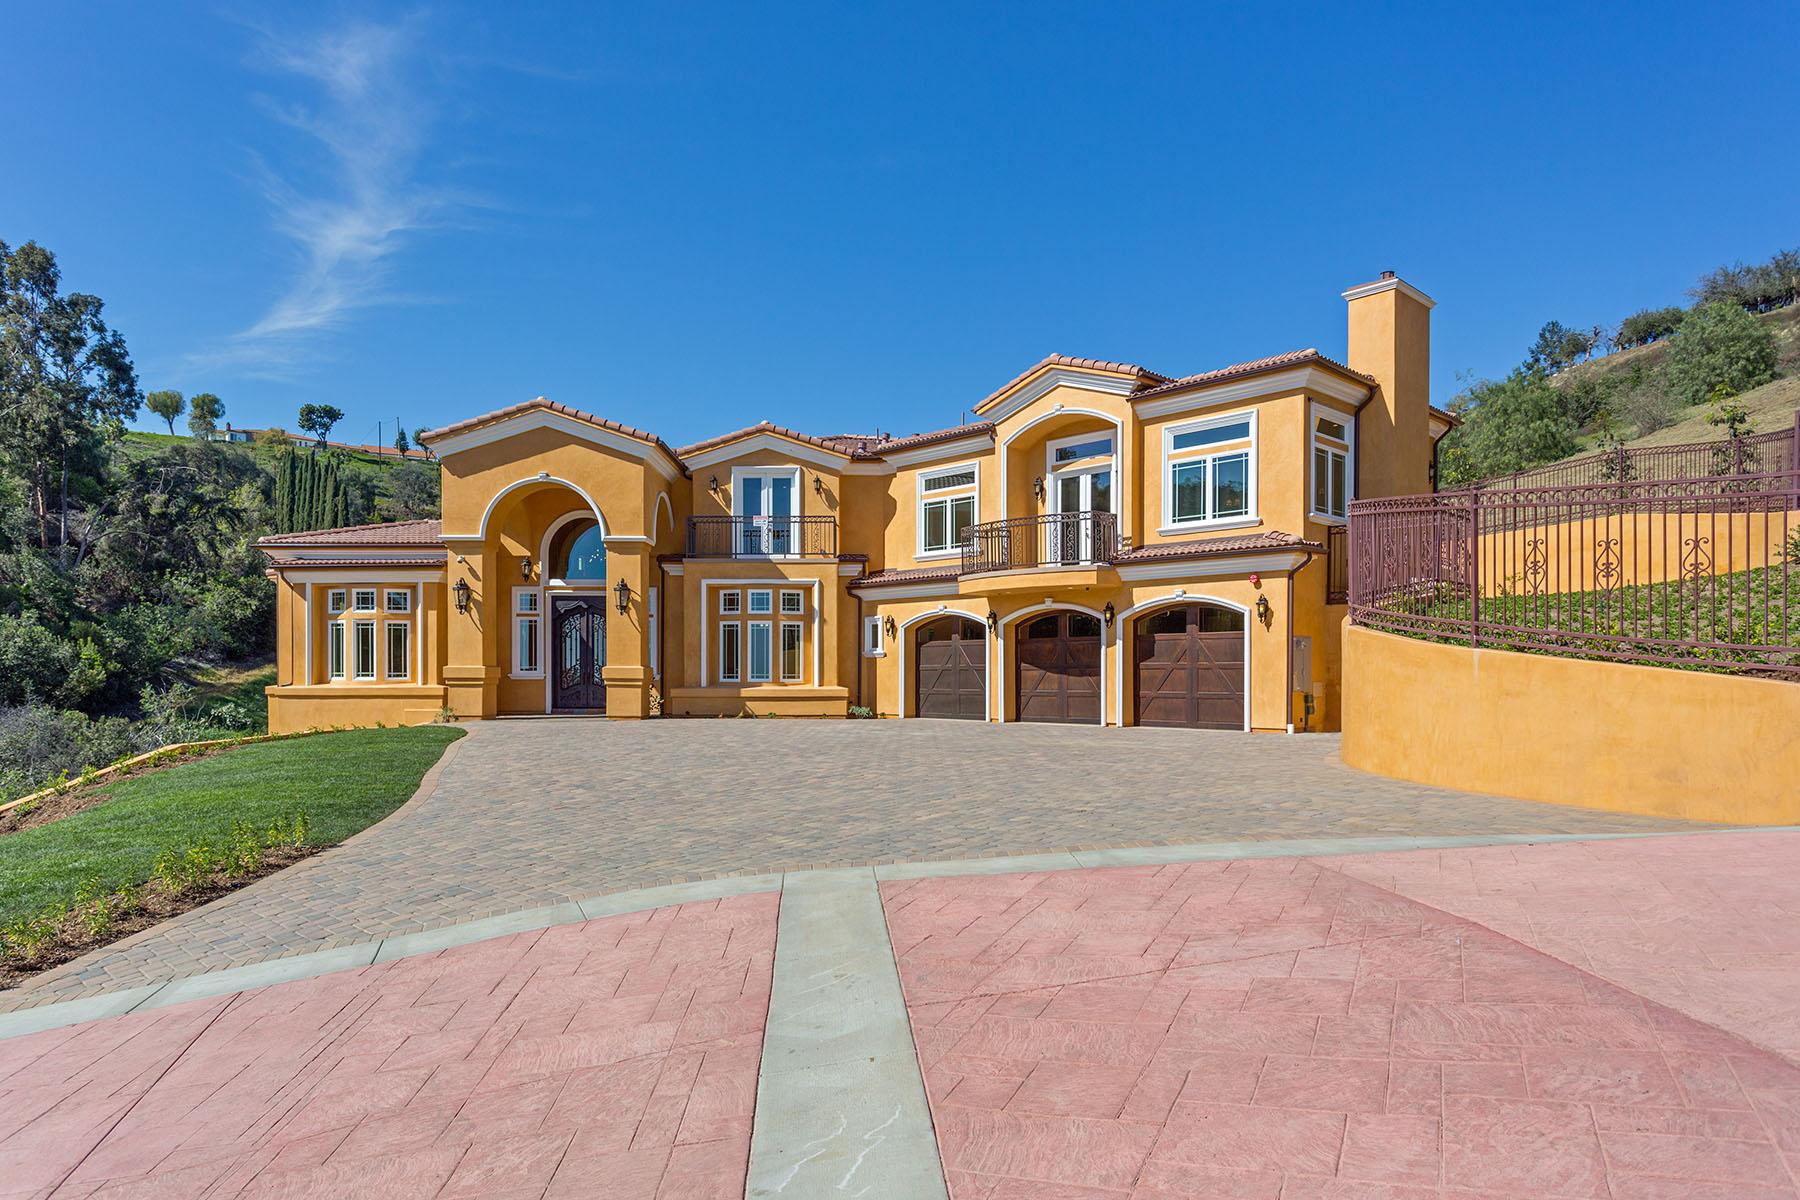 獨棟家庭住宅 為 出售 在 805 West Road La Habra Heights, 加利福尼亞州 90631 美國